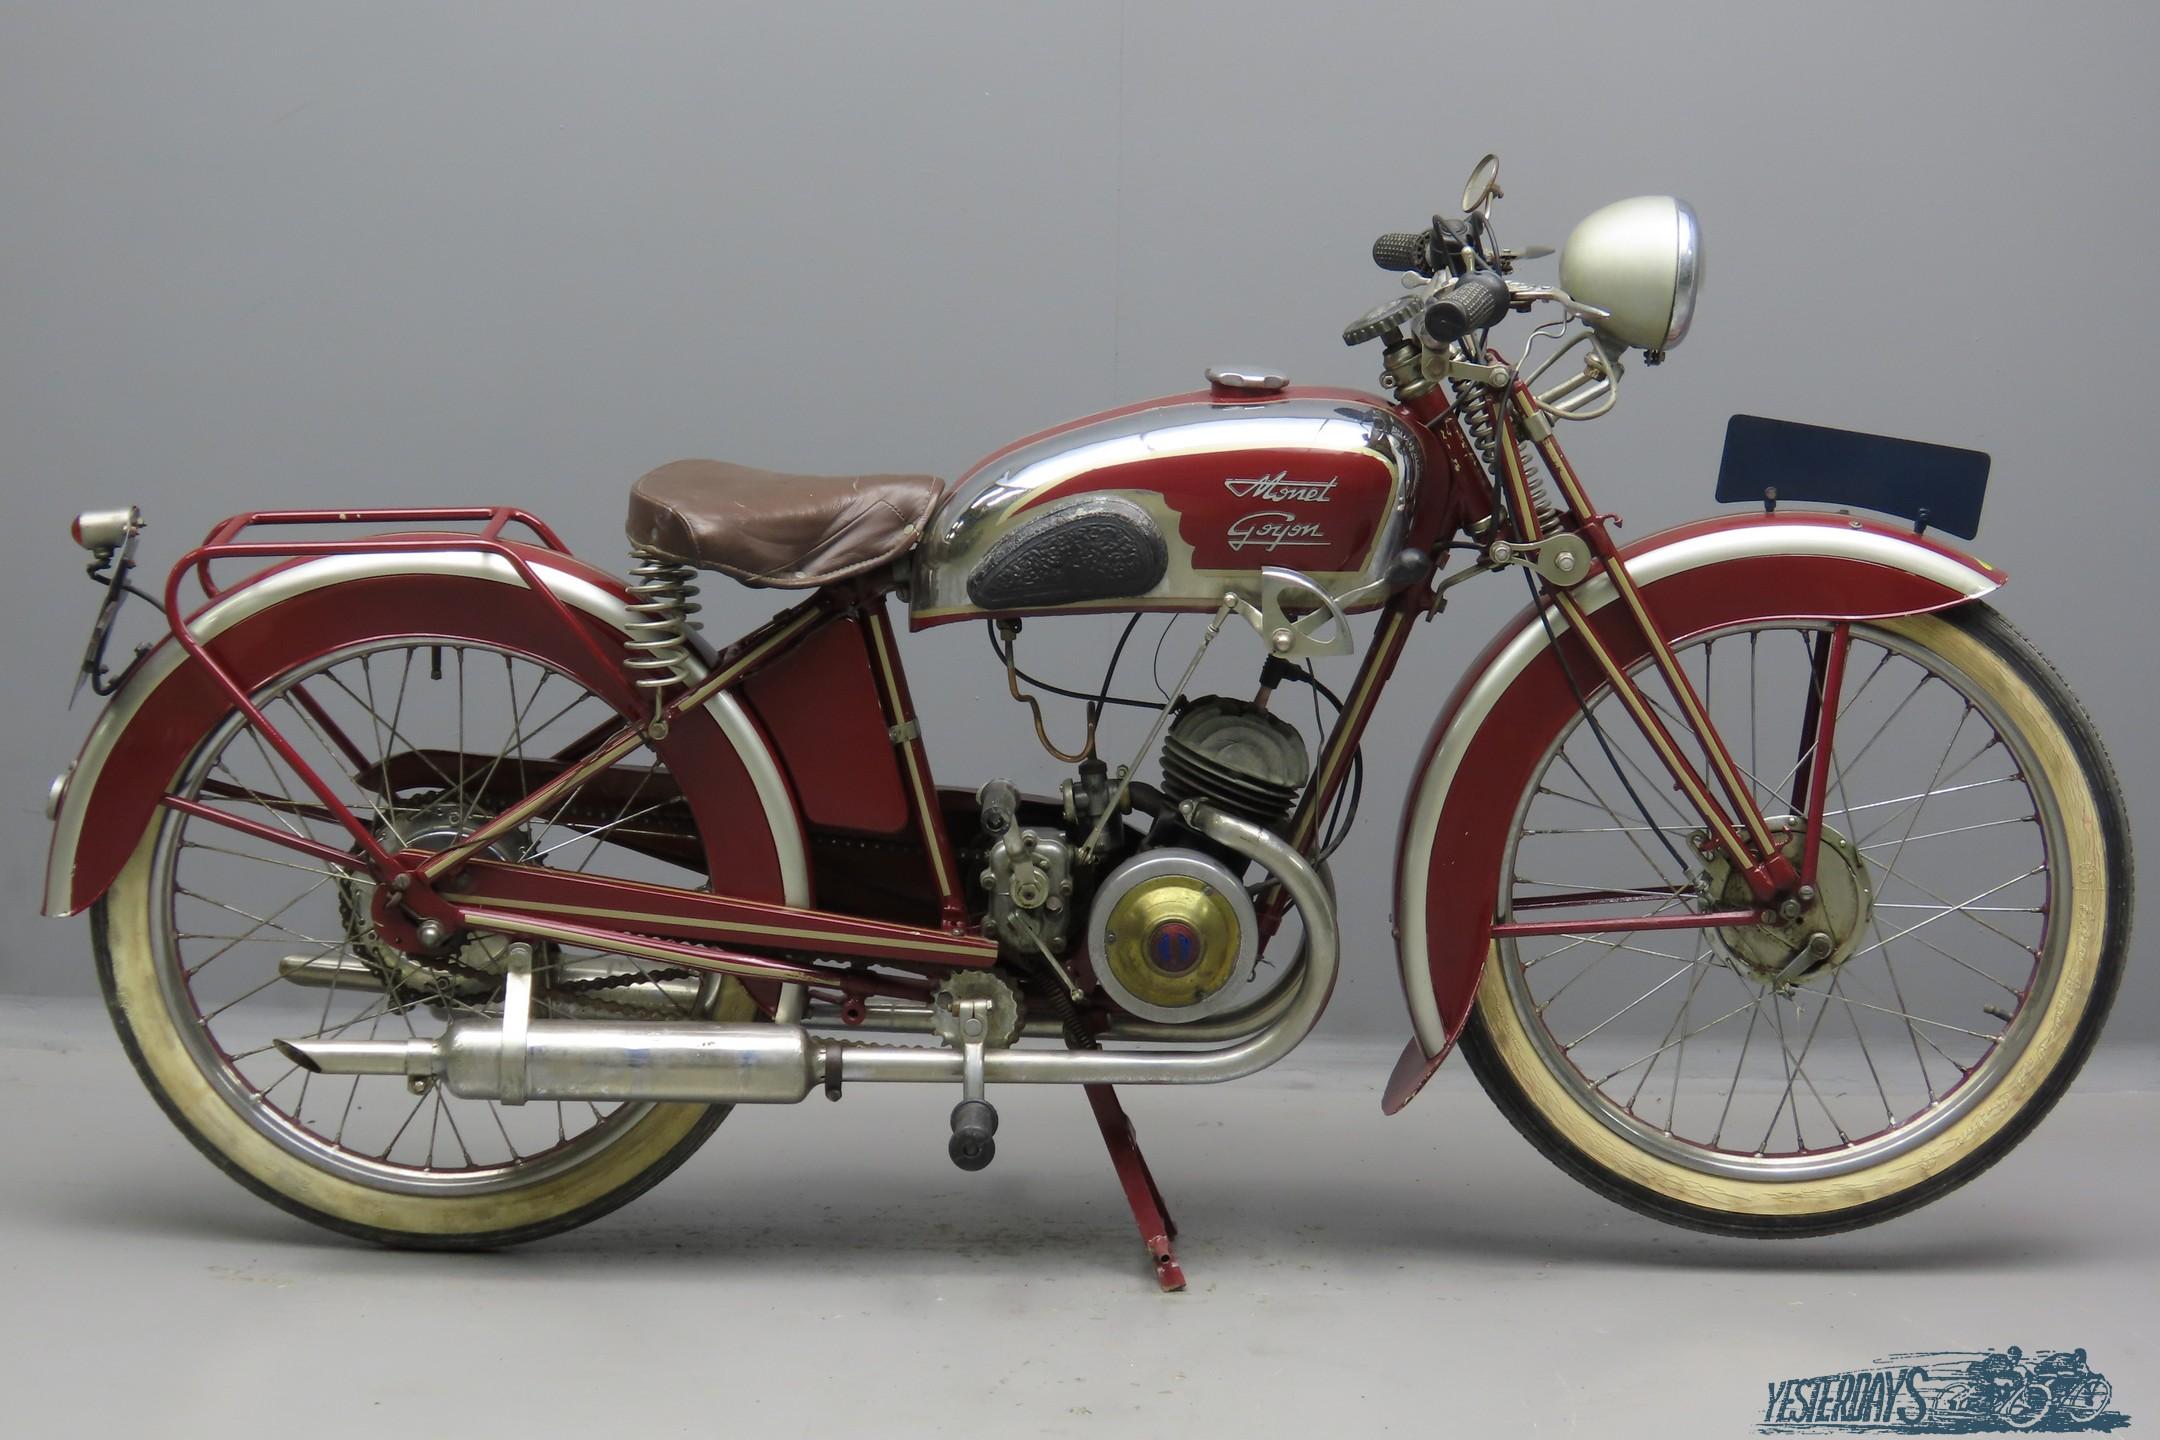 Monet & Goyon 1937 S3  98cc 1 cyl ts  3009